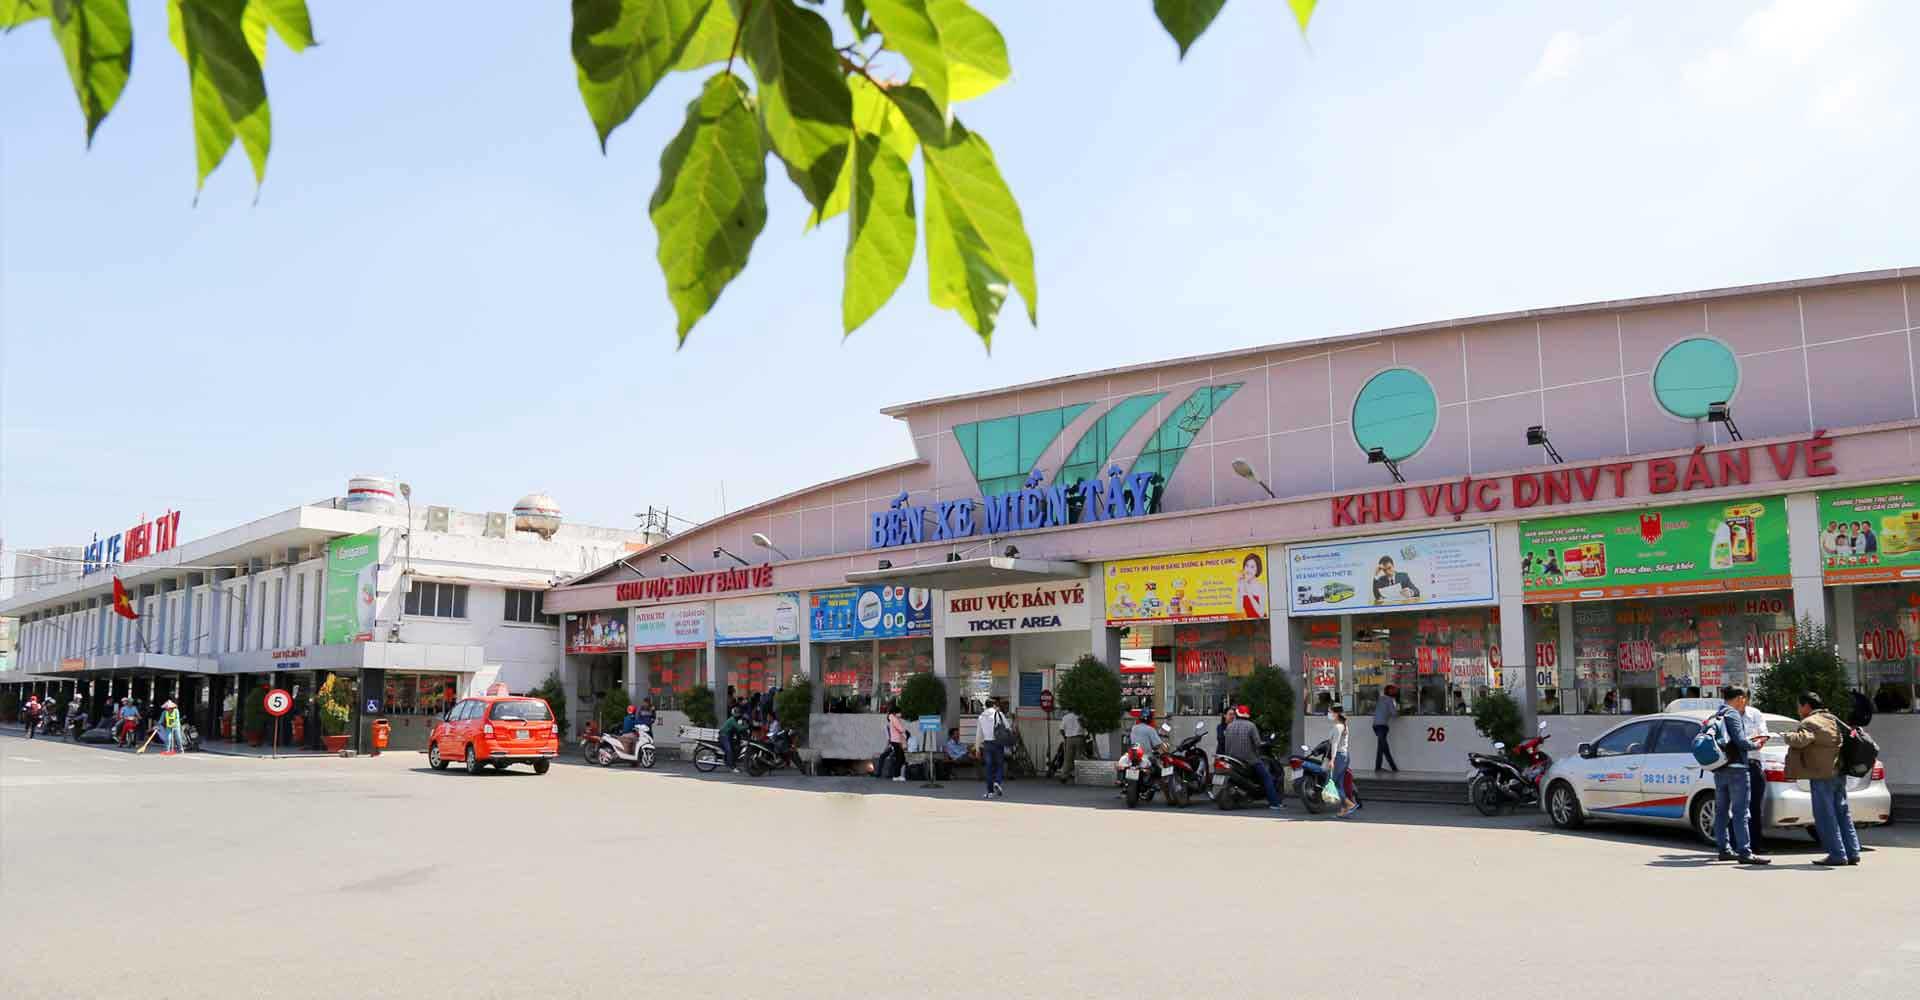 Bến xe miền Tây gần ngay Moonlight Park View quận Bình Tân